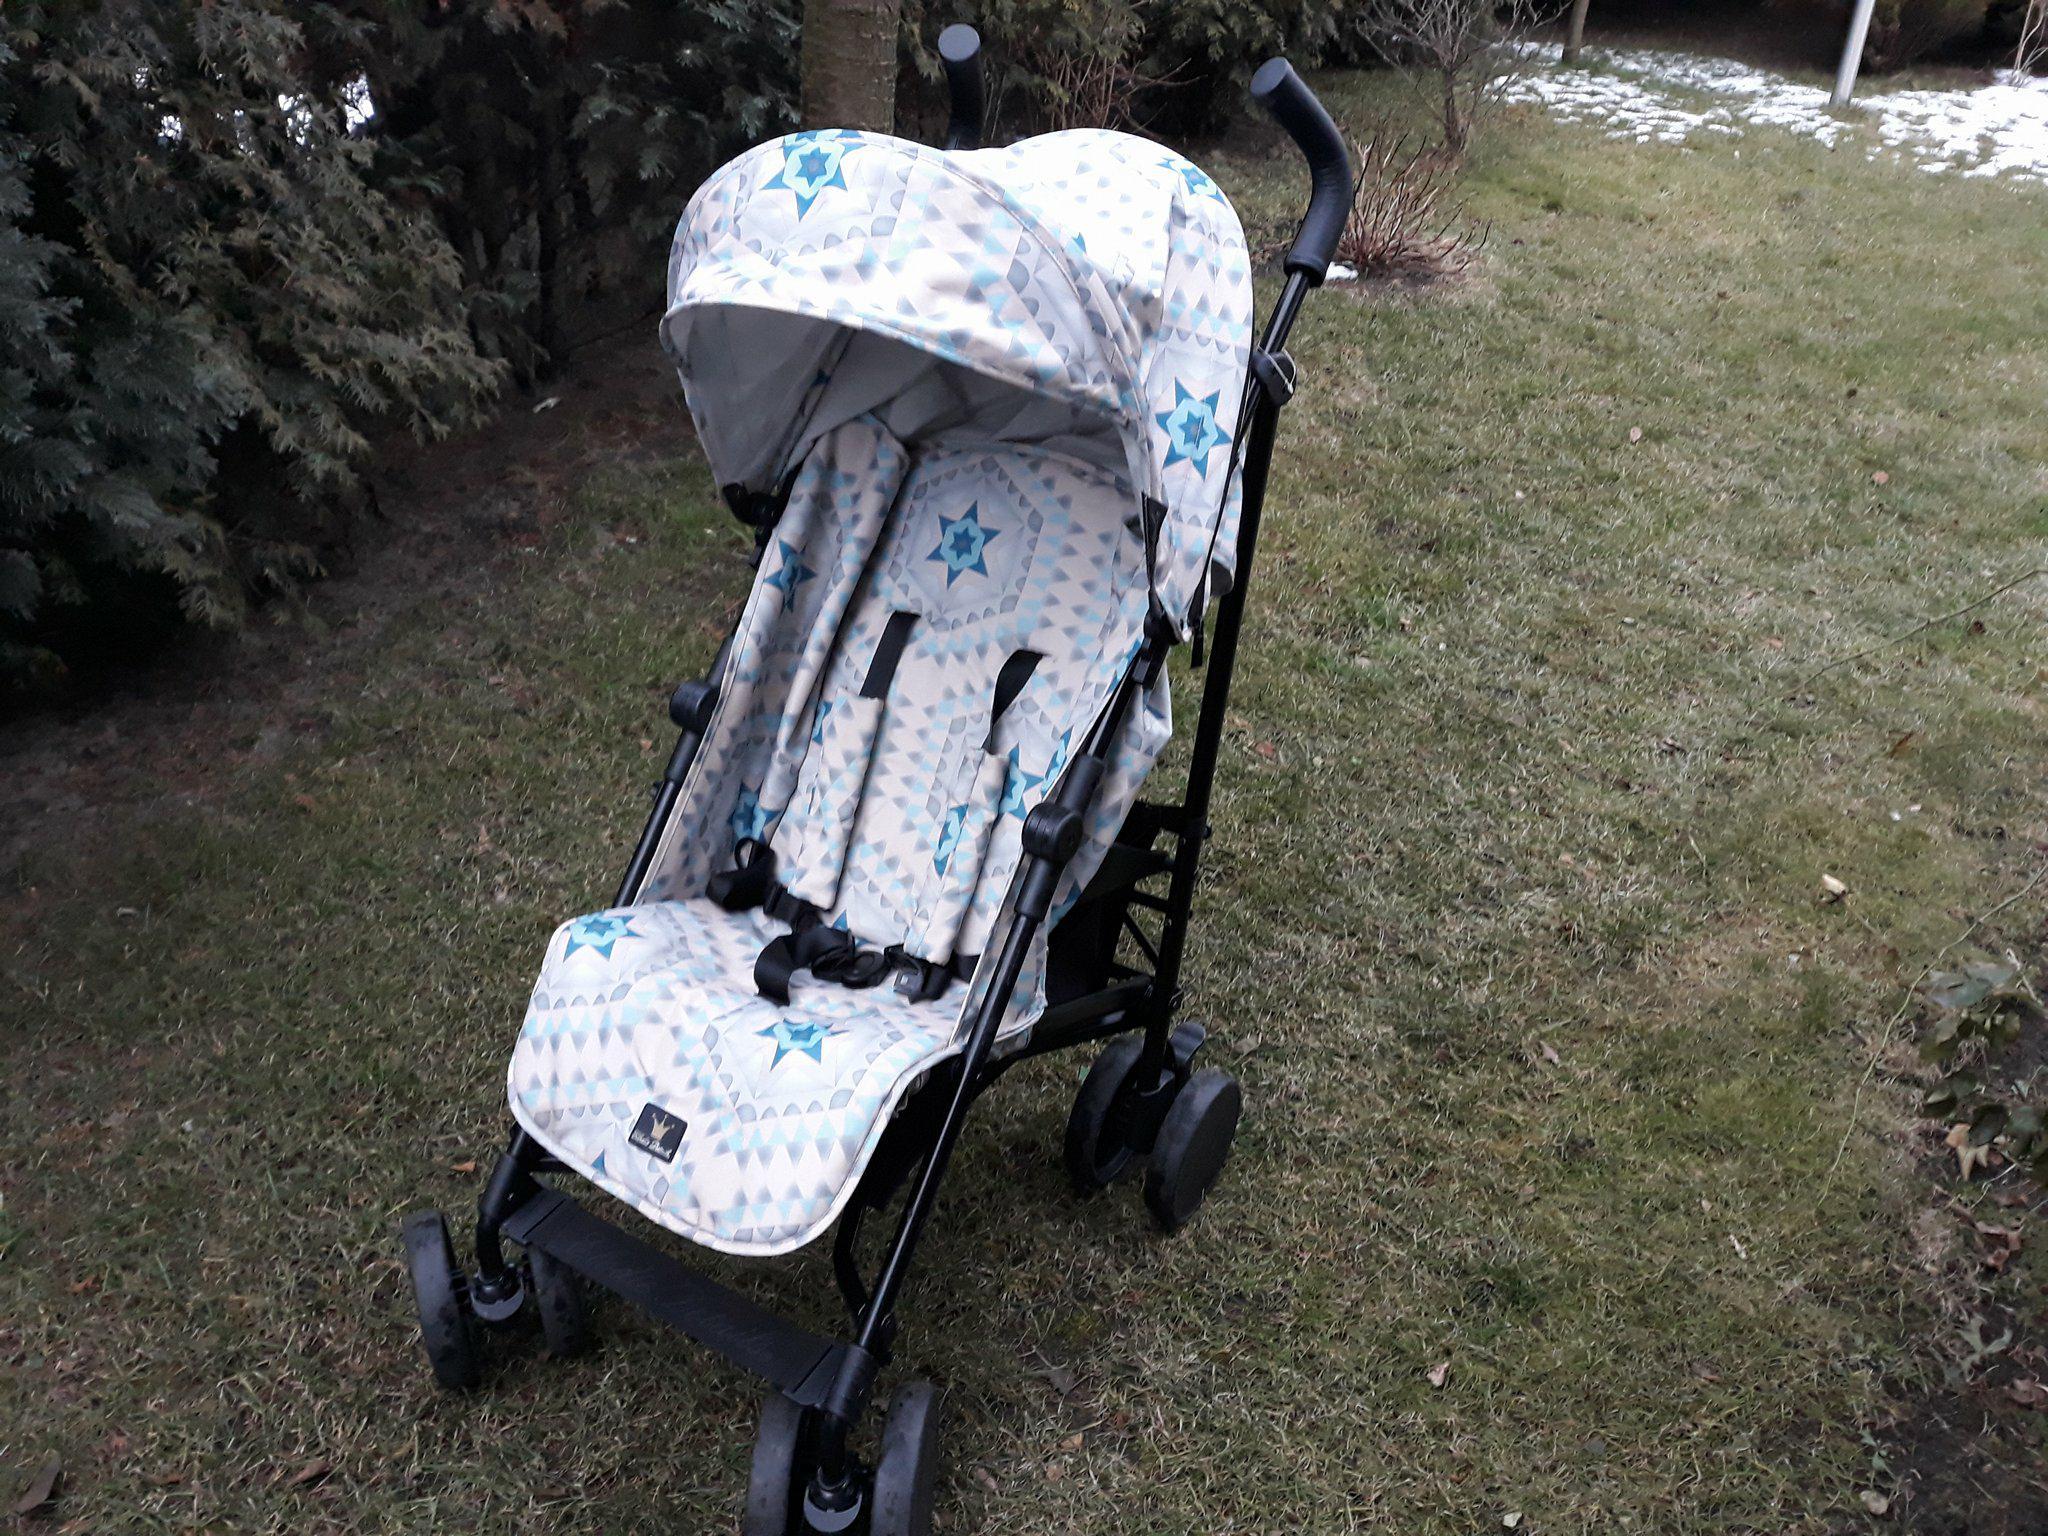 Wózek Elodie Details lekka spacerówka, recenzja, opinie.